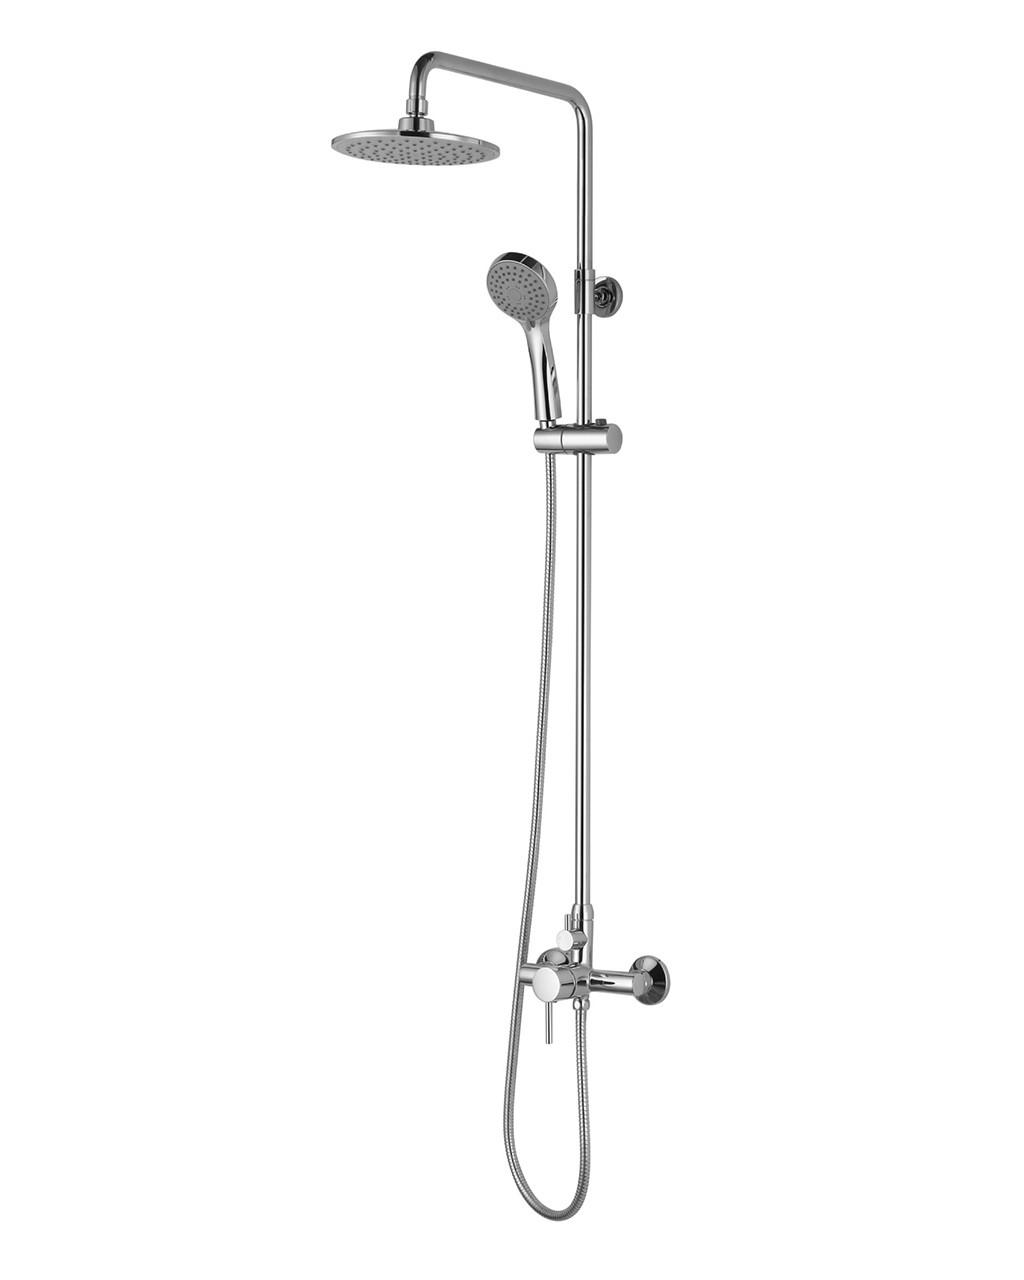 BILA SMEDA система душевая (смеситель для душа, верхний и ручной душ 3 режима, шланг 1,5м)